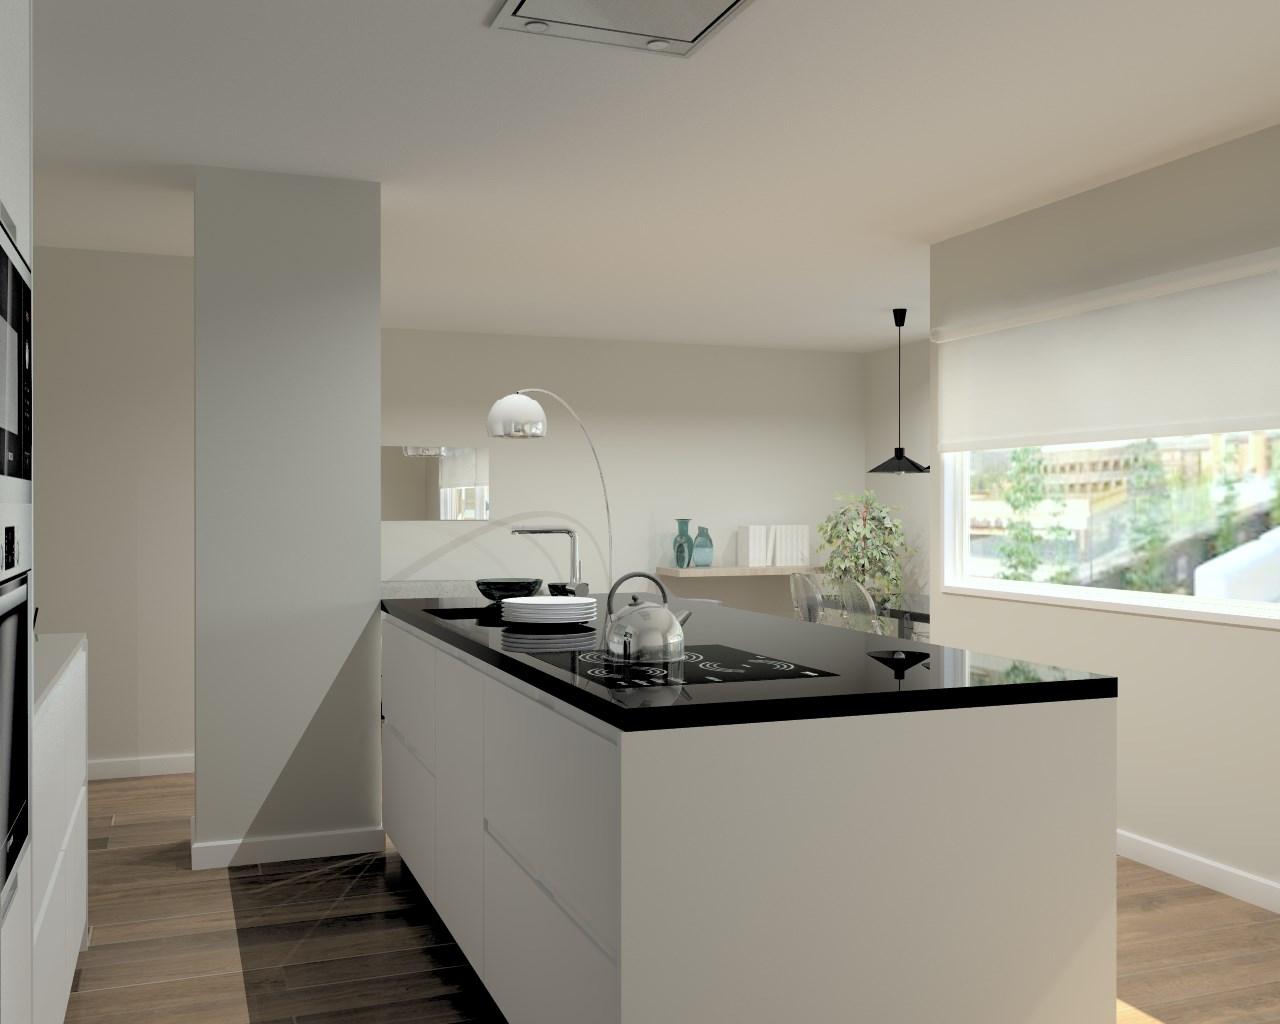 Atractivo Fotos De Cocina Con Granito Blanco Galaxia Imagen - Ideas ...